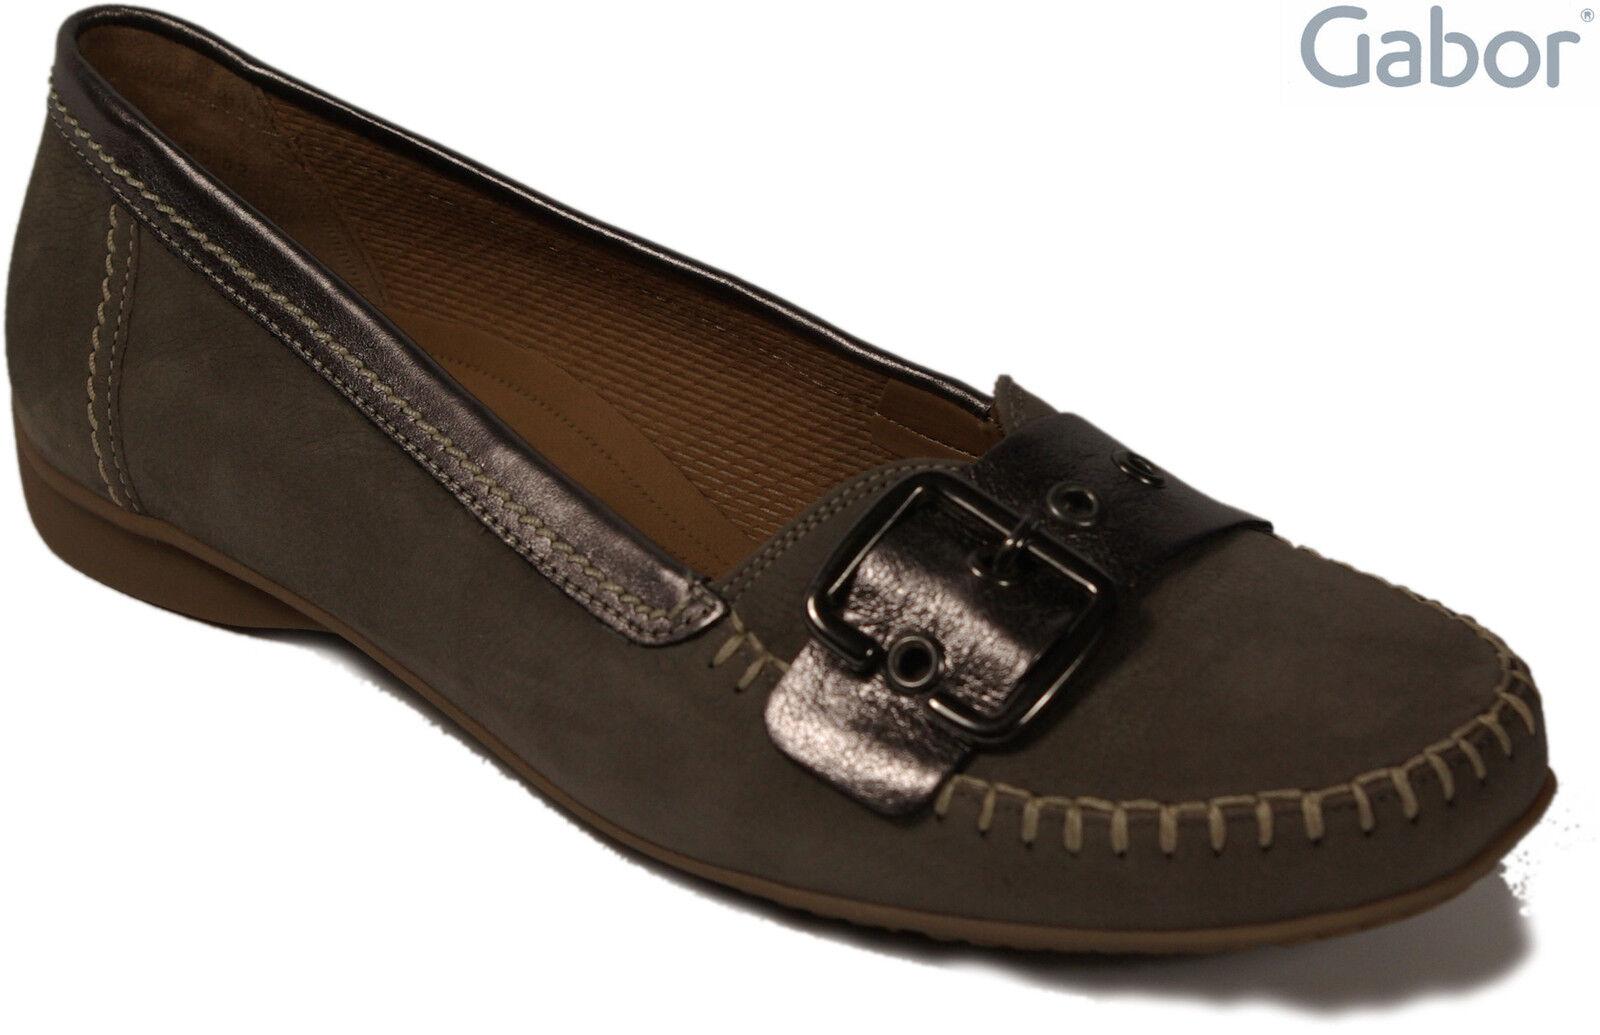 GABOR Schuhe (fumo) Mokassin Ballerinas Nubuk grau (fumo) Schuhe echt Leder G Weite NEU 06c847